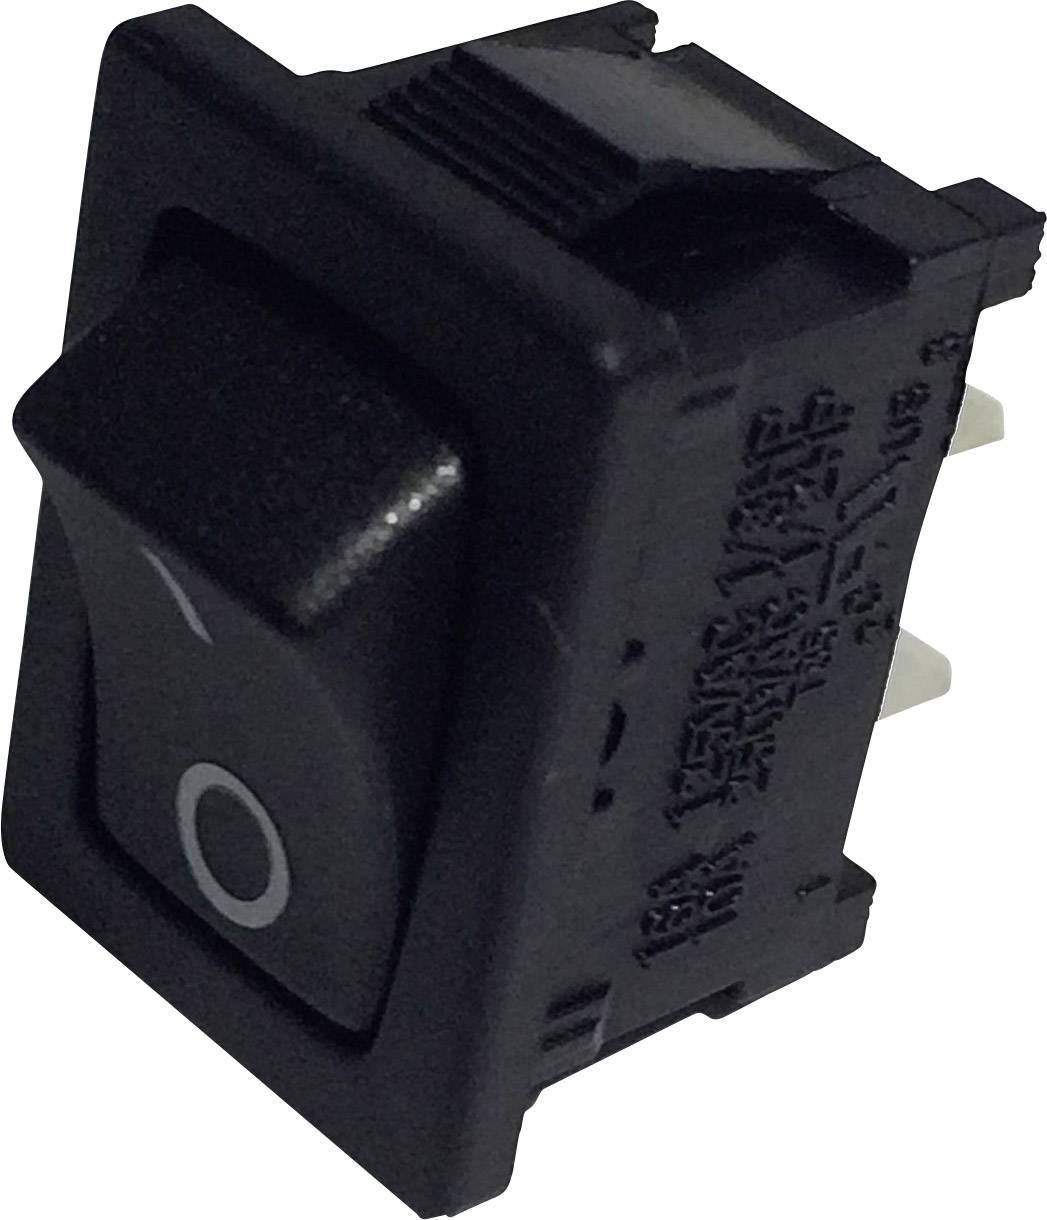 Kolískový spínač SCI R13-66A-02 s aretáciou 250 V/AC, 6 A, 1x vyp/zap, čierna, 1 ks